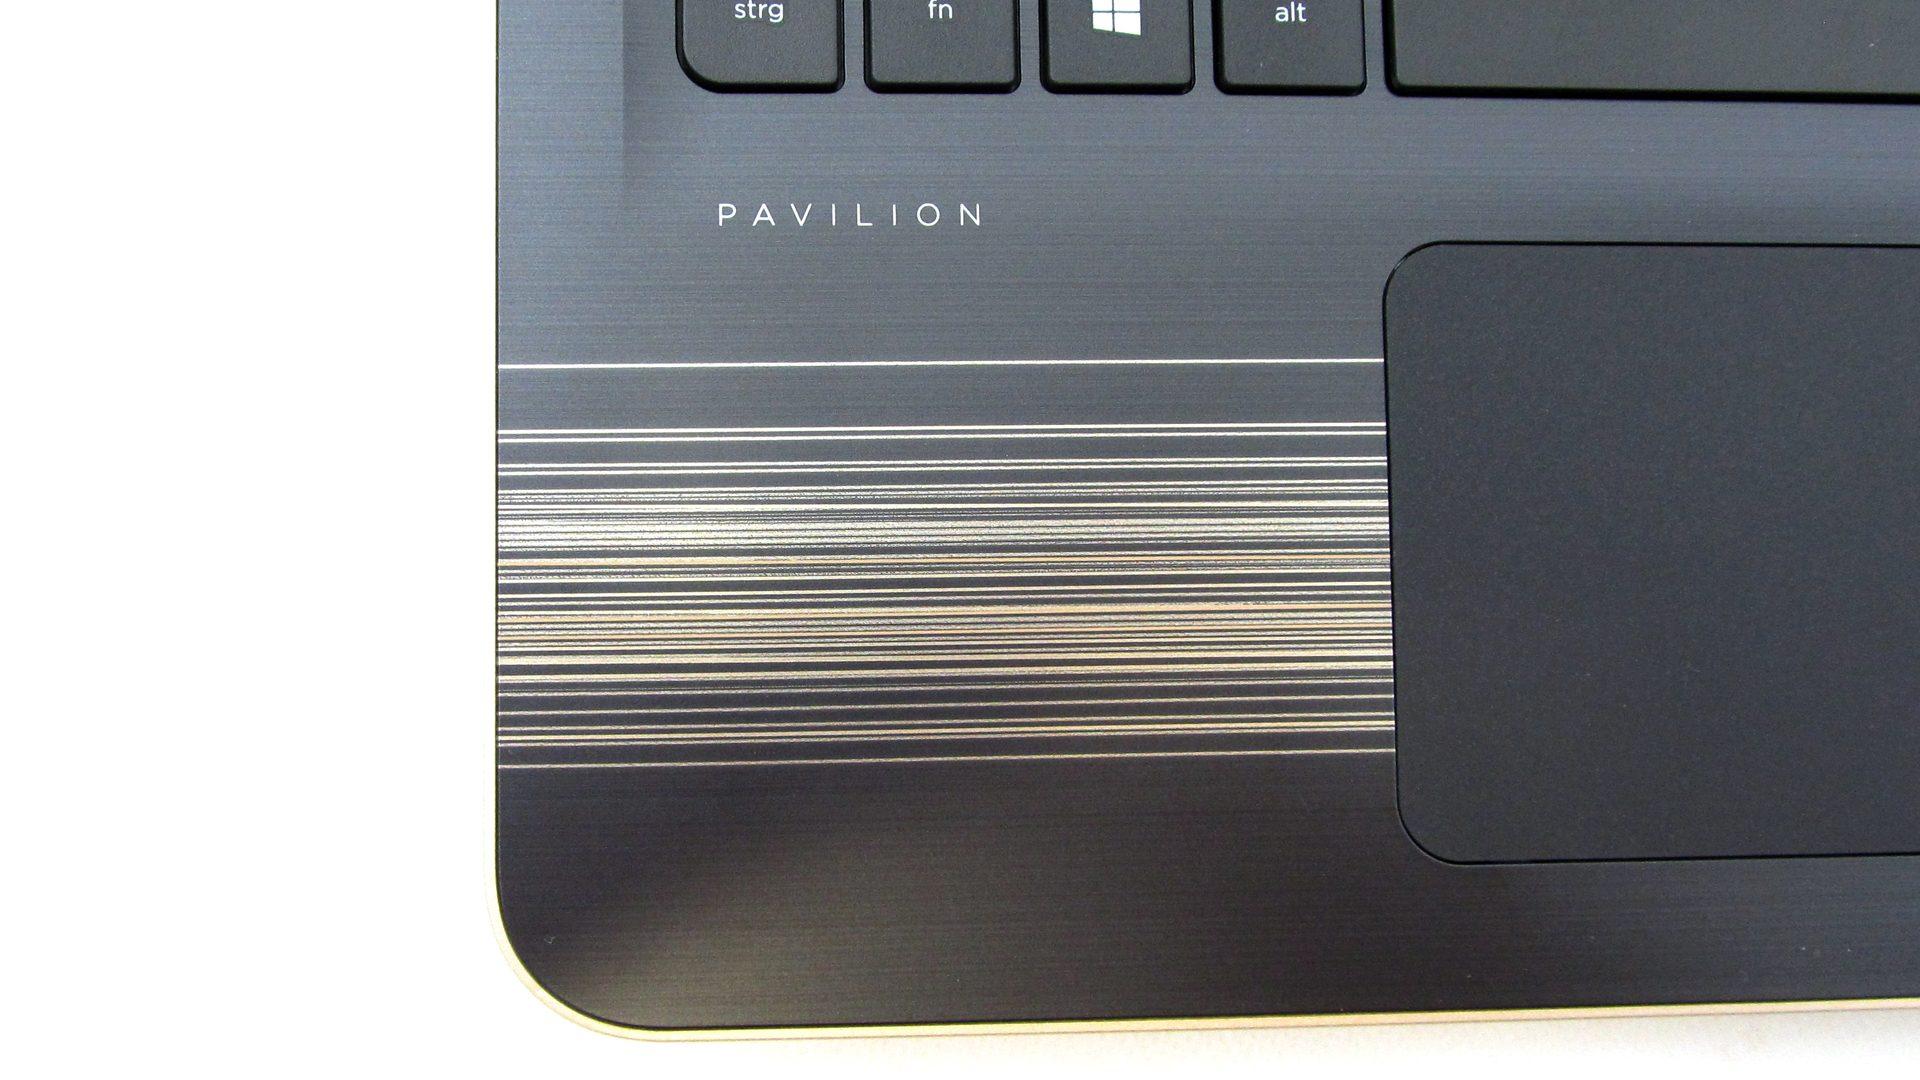 HP-Pavilion-15-au013ng-tastatur_2